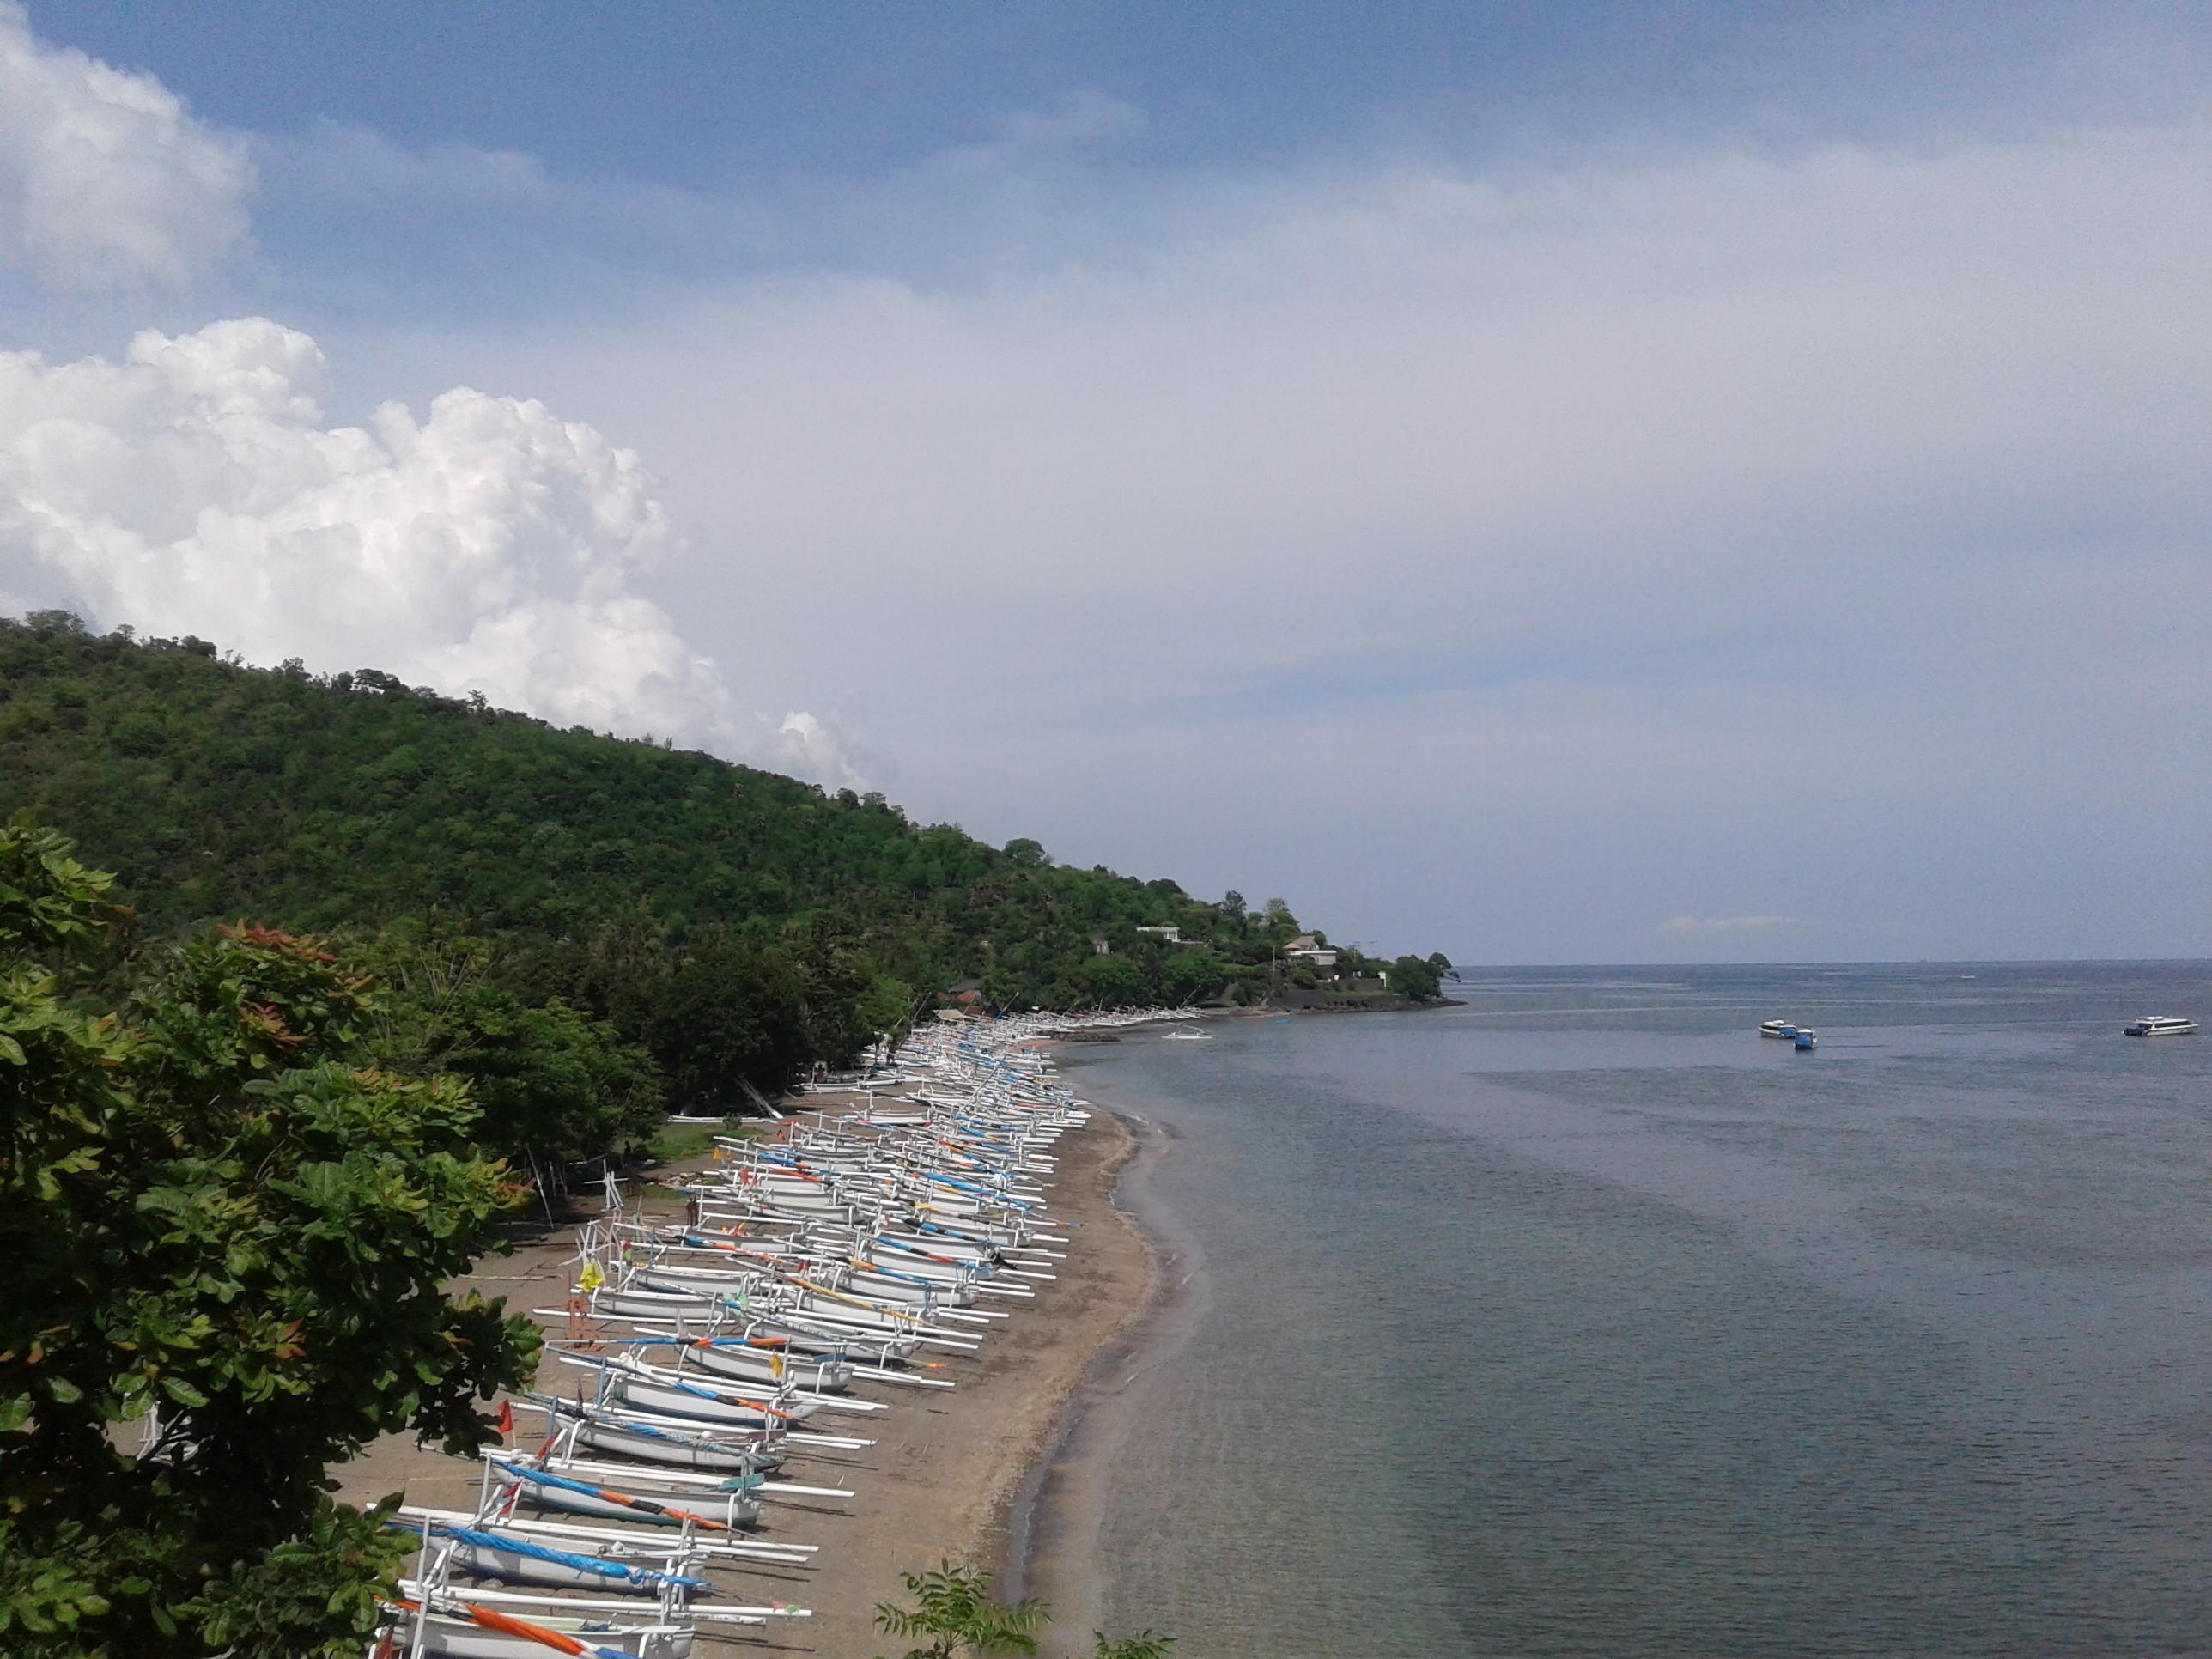 Pantai Lean Bali Vidio Terletak Desa Bunutan Kecamatan Abang Kabupaten